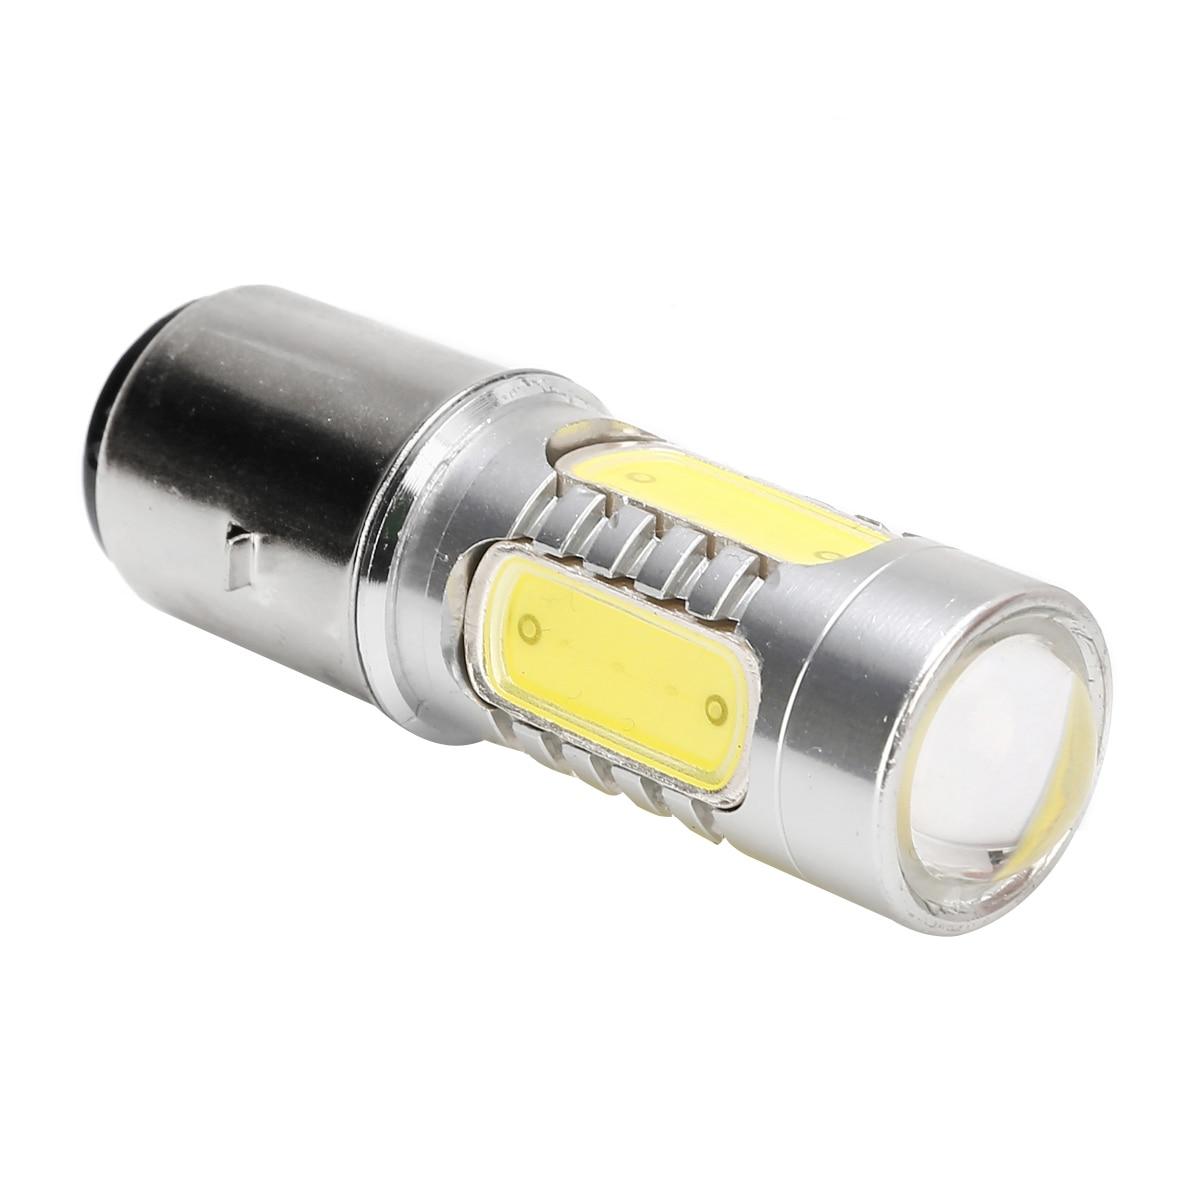 Image 2 - Mayitr 1 шт. BA20D H6 4 COB Светодиодный фонарь для мотоцикла алюминиевый белый Головной фонарь 7,5 Вт лампа для мопеда скутера ATV внедорожный